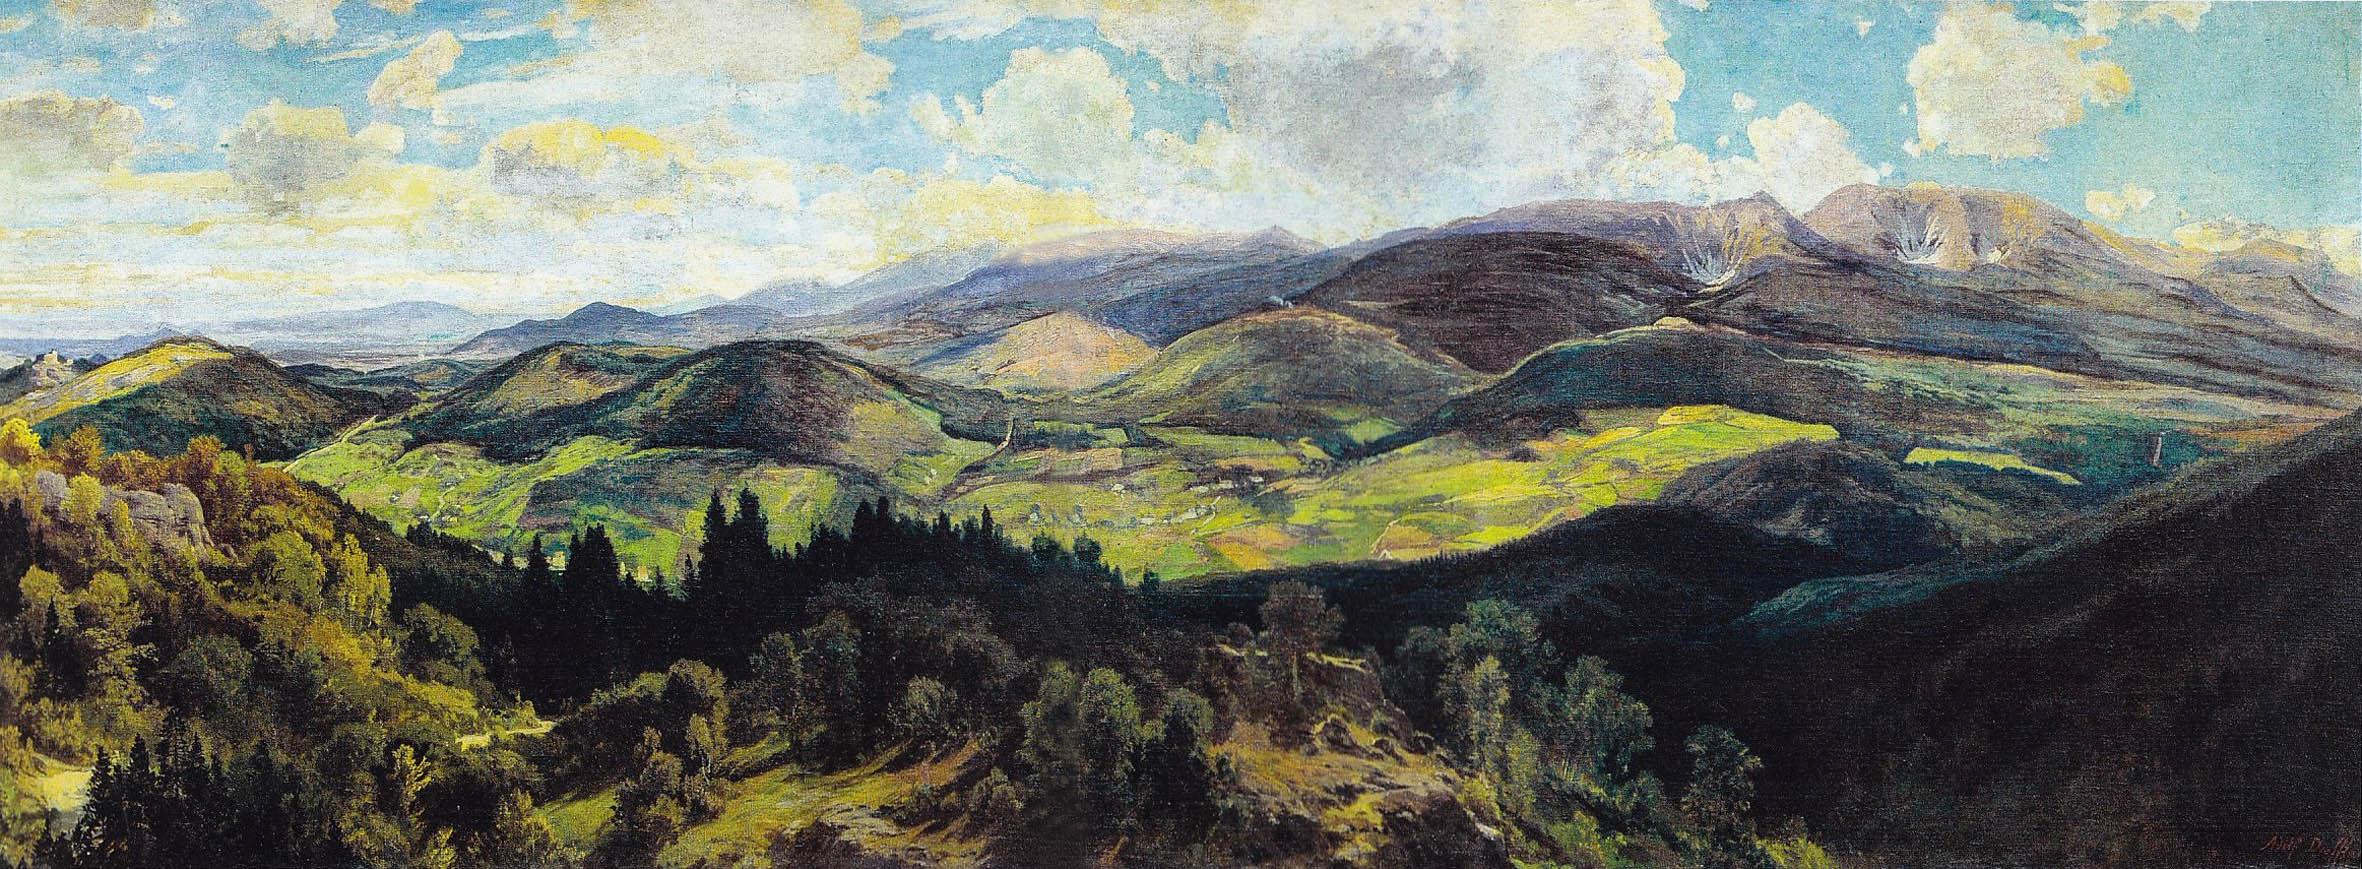 Szkic olejny (321 cm x 109 cm) do panoramy Karkonoszy, 1879, autor Adolf Dressler (1833-1881) w zbiorach Muzeum Karkonoskiego w Jeleniej Górze